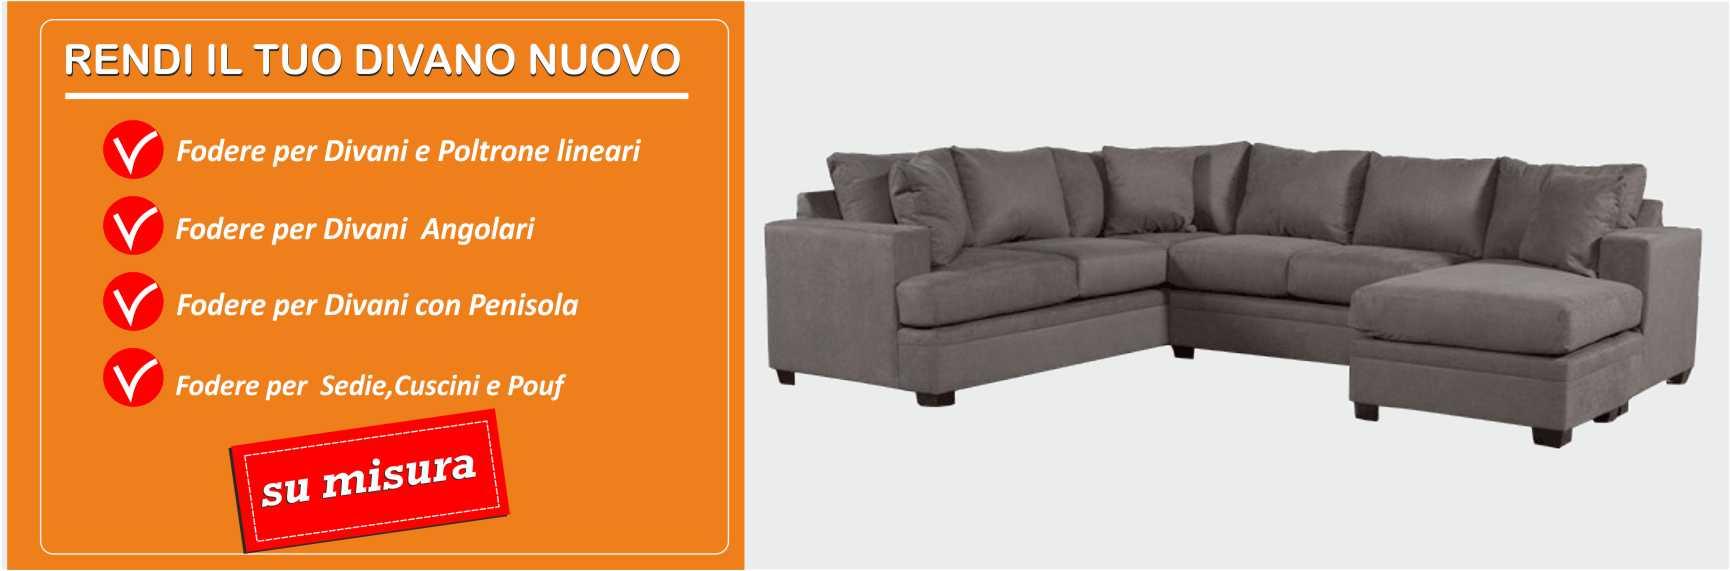 Rinnovare Divano In Tessuto tappezzeria: rivestimenti e fodere per divani e poltrone